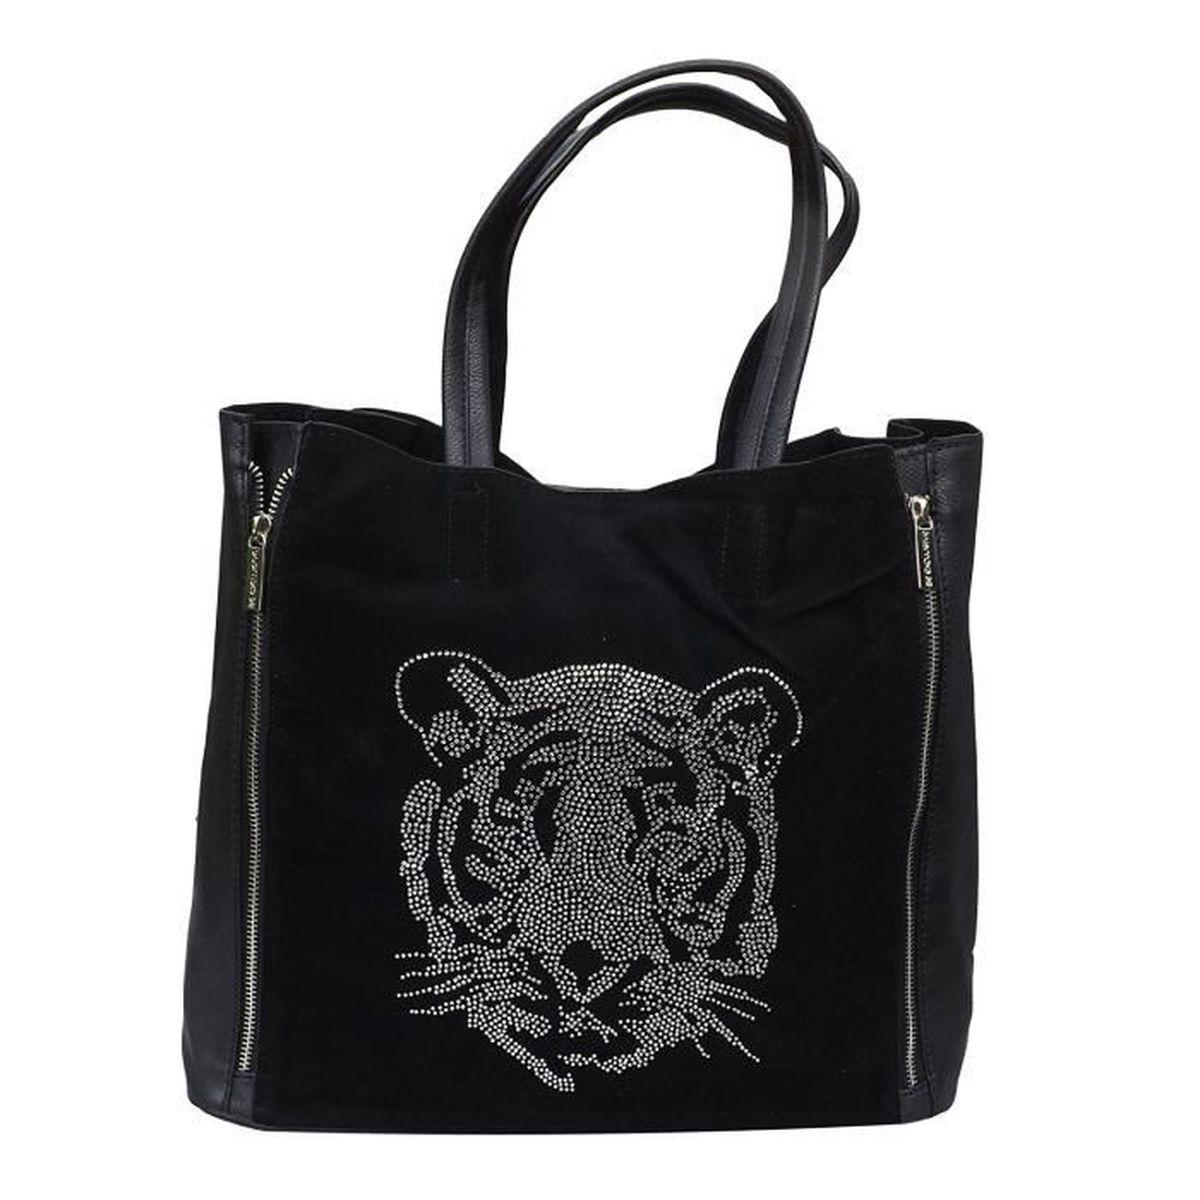 sac cabas avec strass achat vente sac cabas avec strass pas cher les soldes sur cdiscount. Black Bedroom Furniture Sets. Home Design Ideas